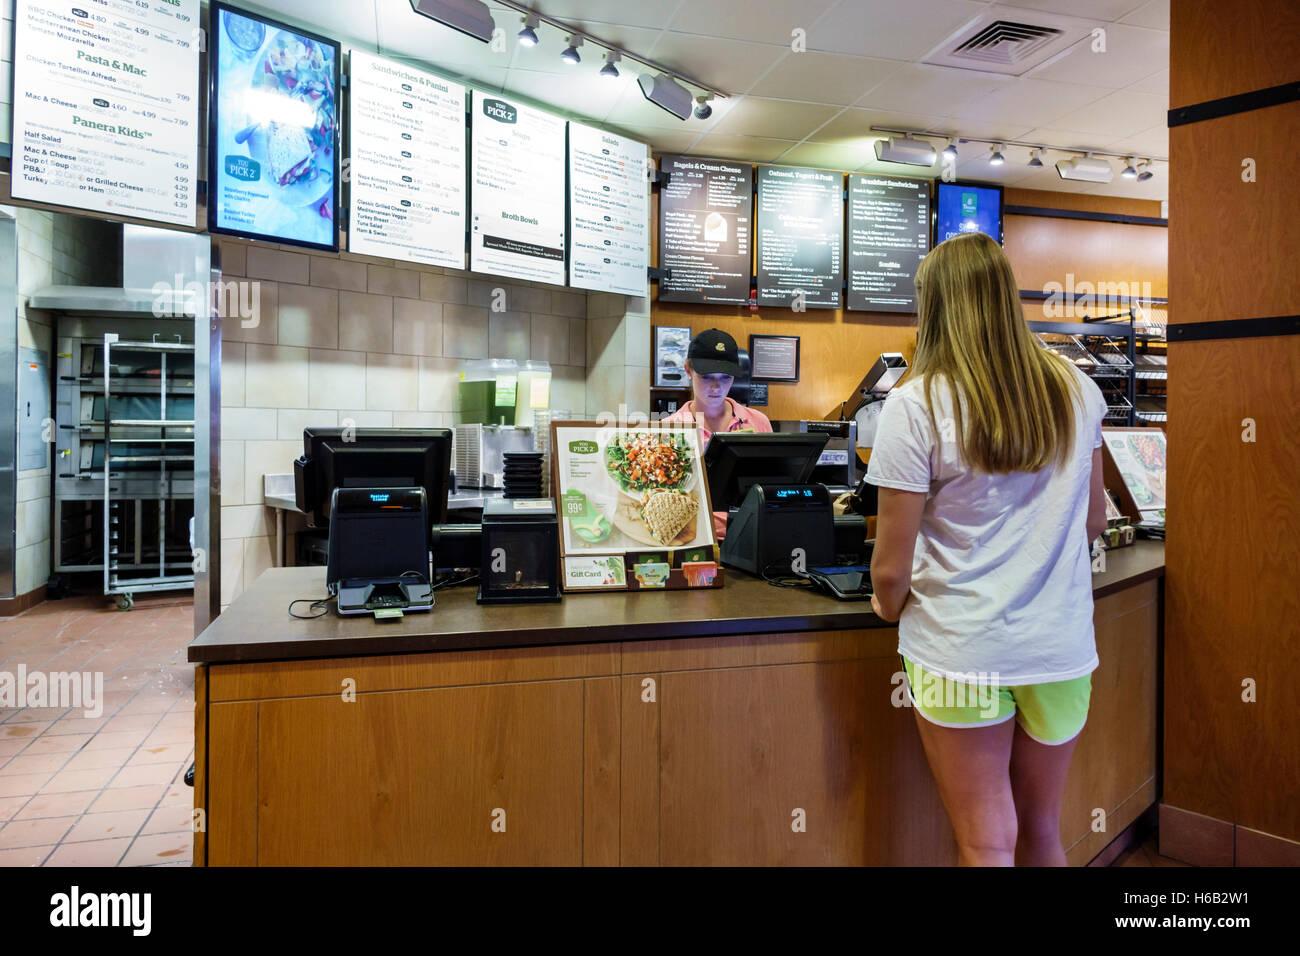 port st lucie florida saint panera bread inside restaurant counter customer employee cashier woman job